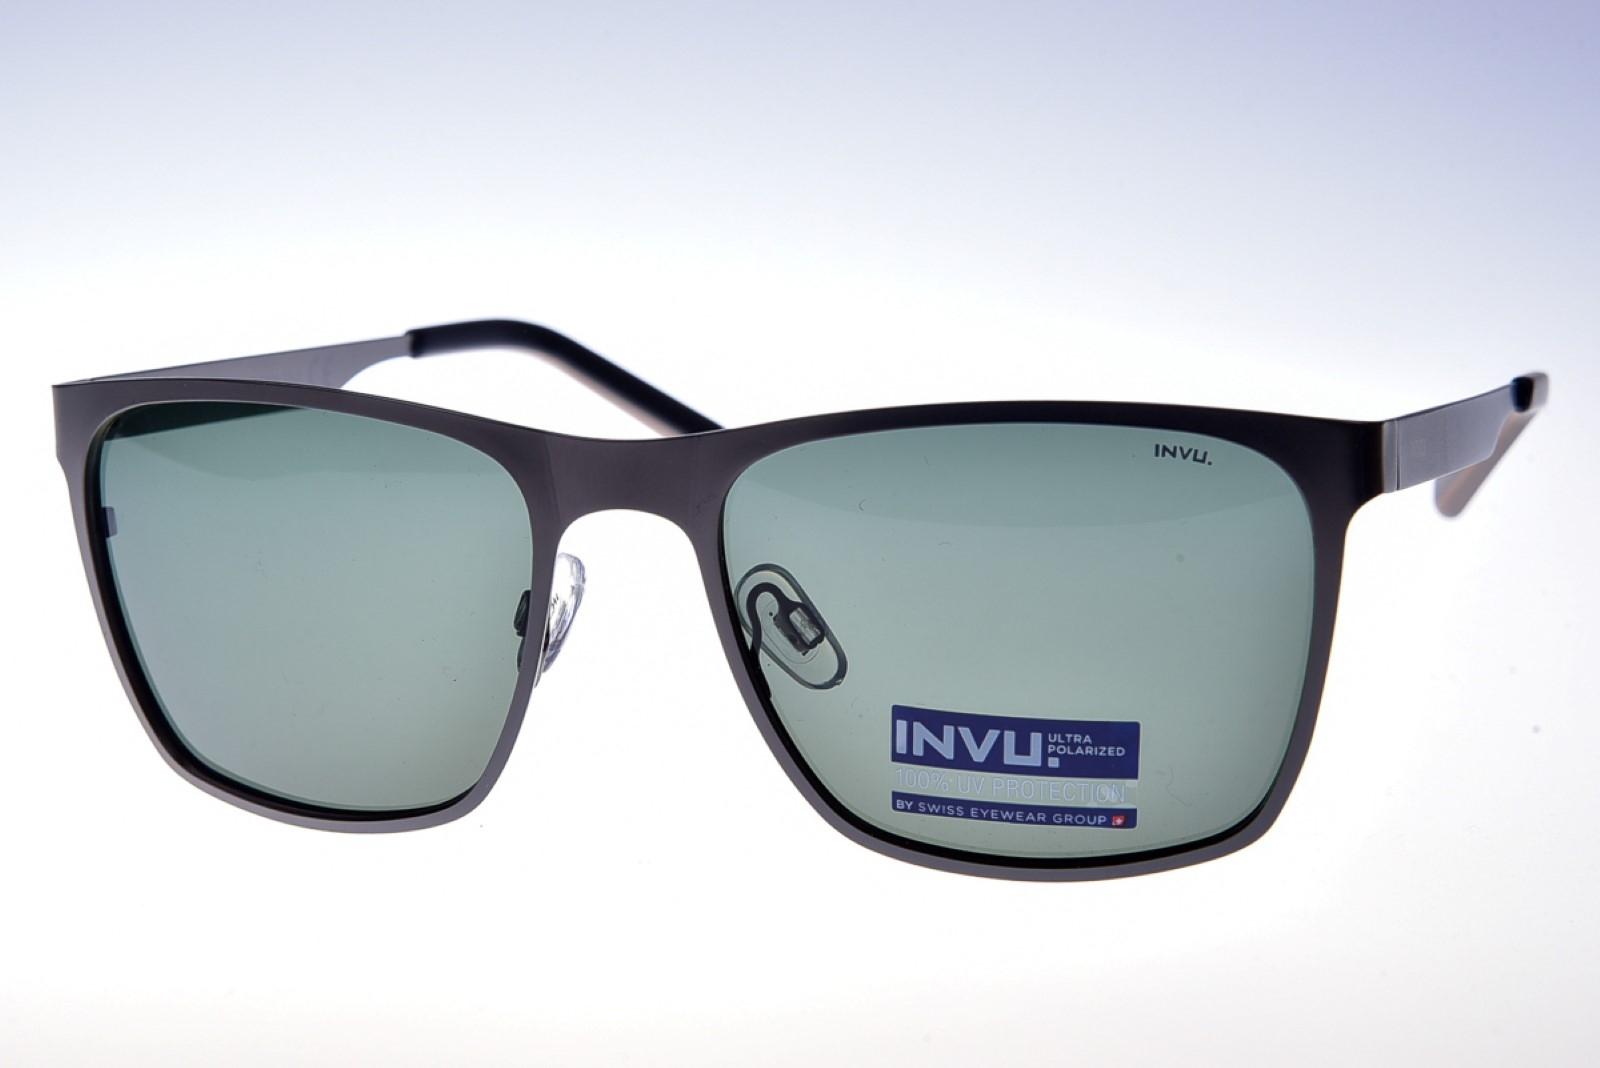 INVU. Classic B1803B - Pánske slnečné okuliare